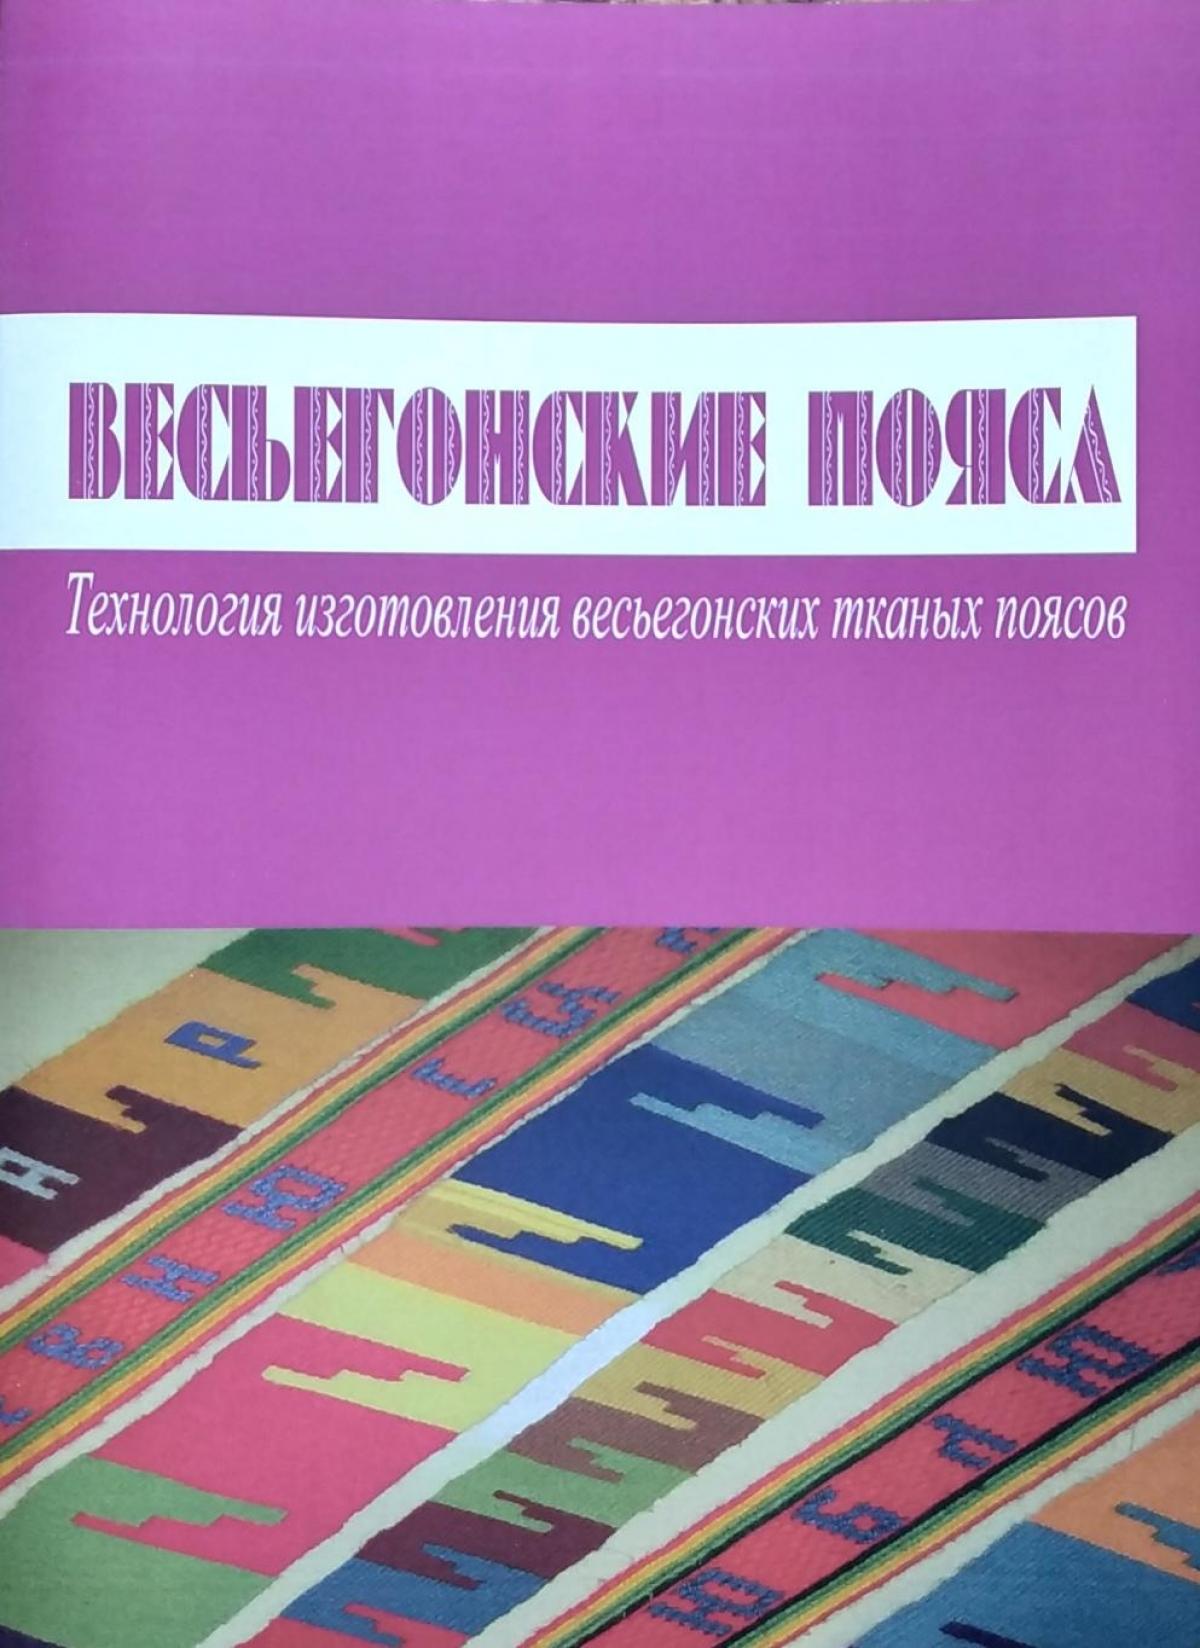 Vesyegonsky belts. Compilation